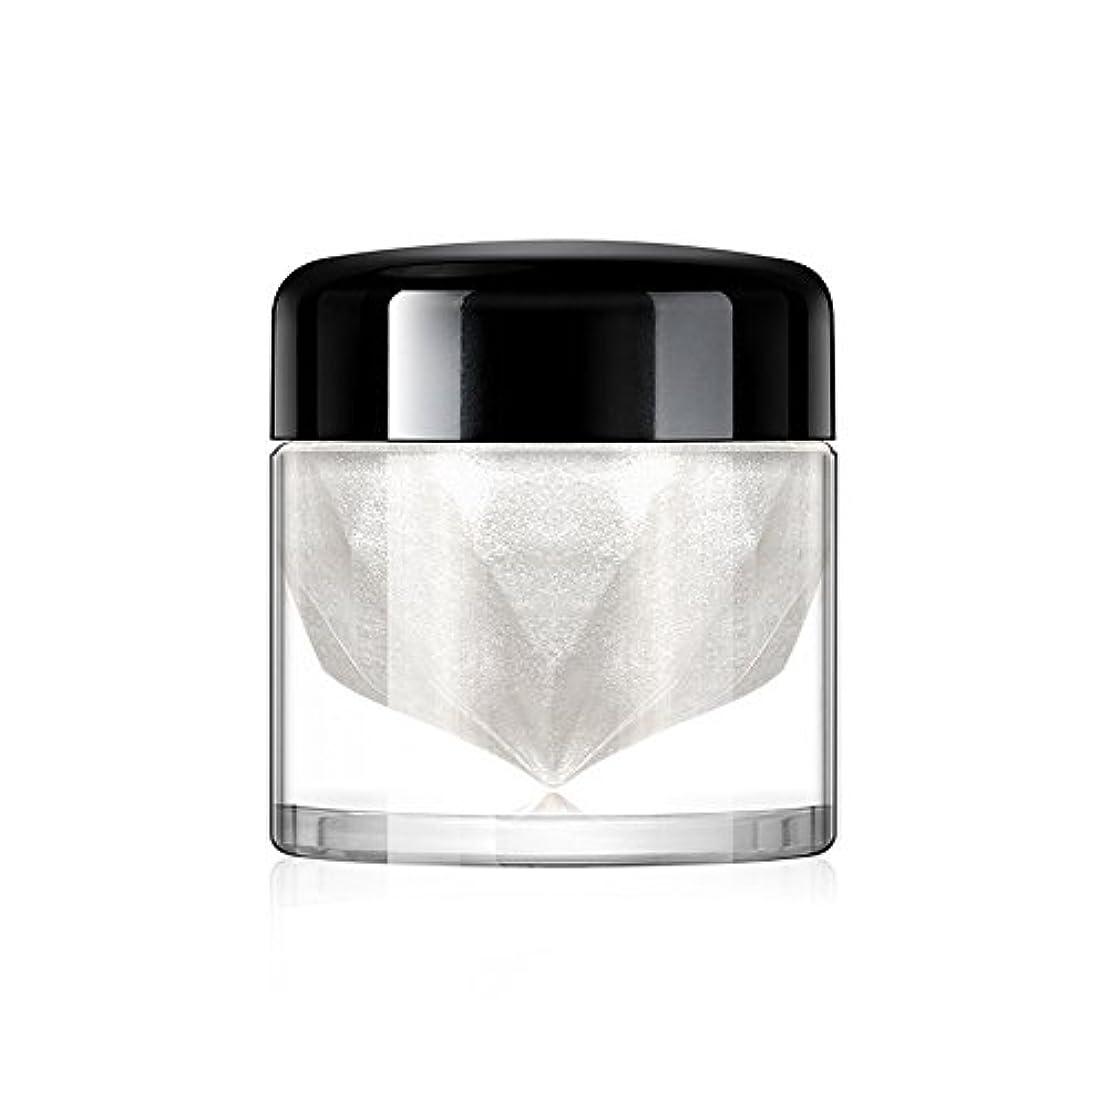 アイシャドウ パレット YOKINO アイシャドウ 単色 日韓風 可愛いサイズ 携帯便利 繊細な質感 防水 長持 アイシャドーマット マットアイシャドー (1#)